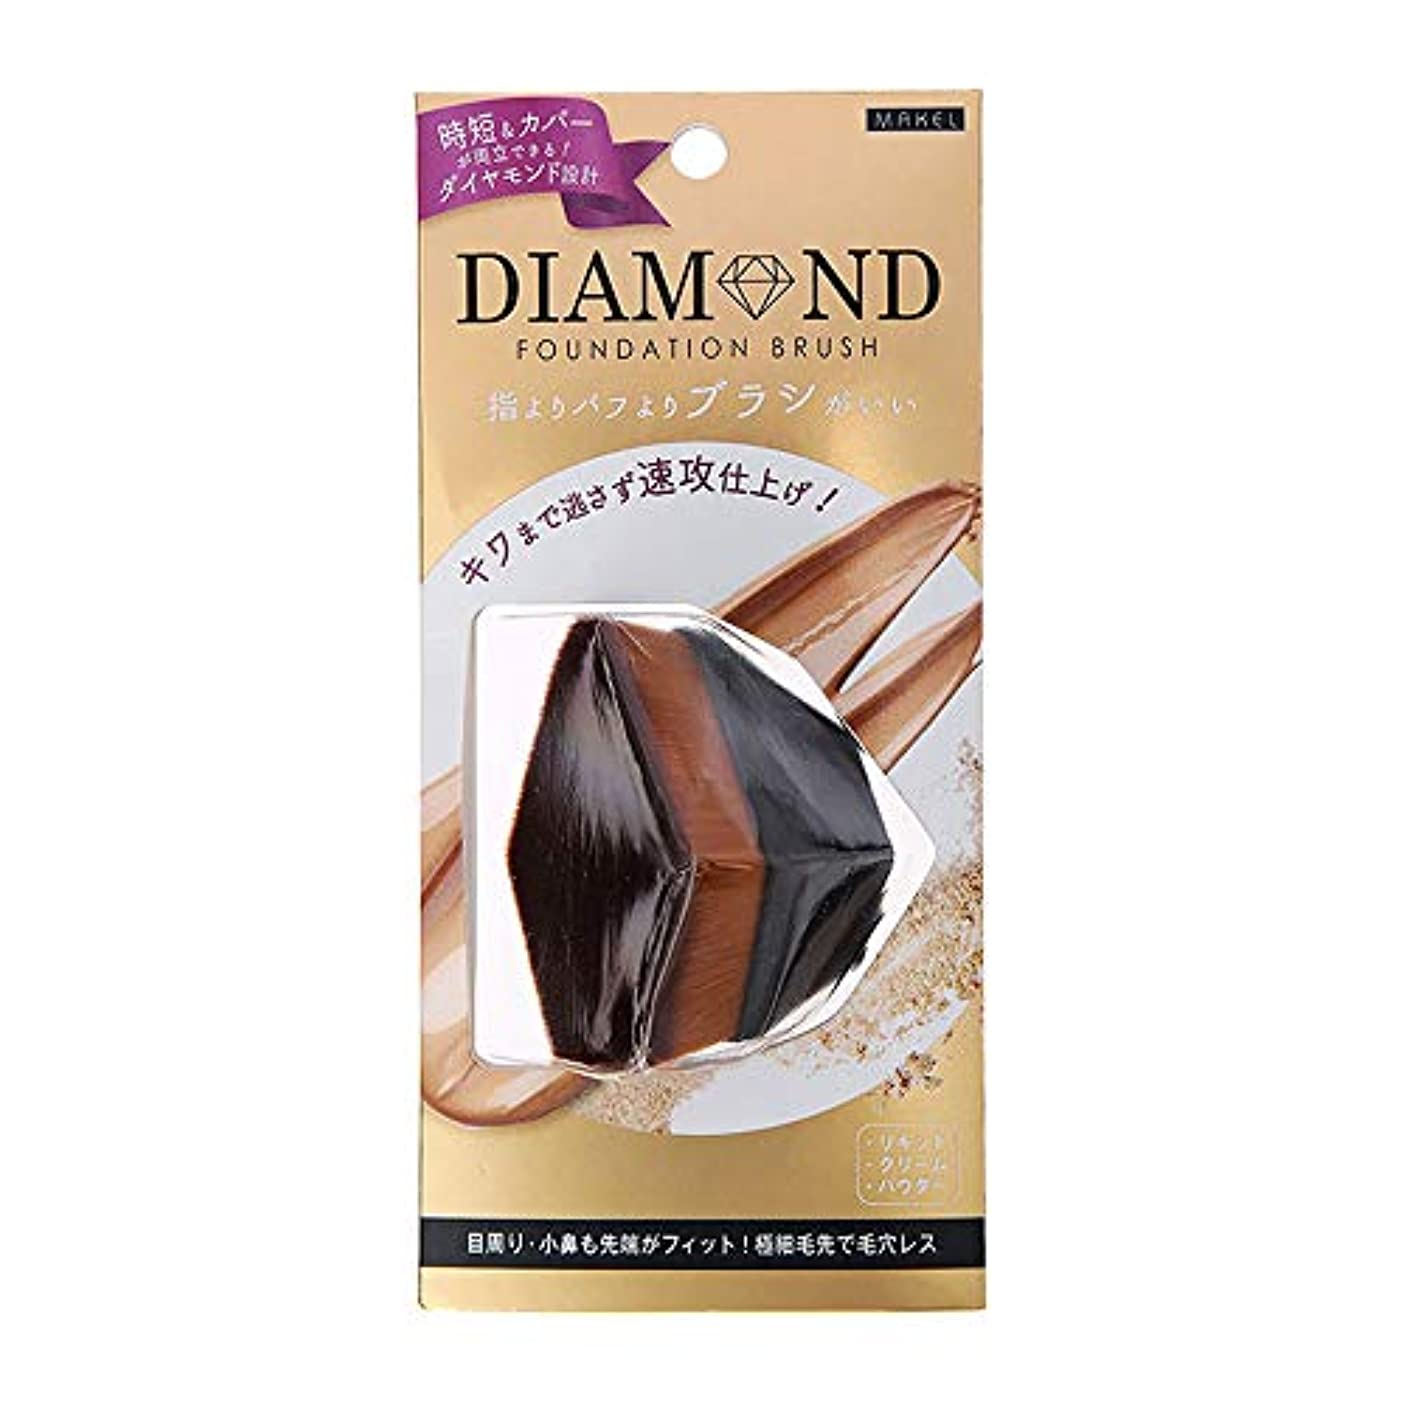 形に同意する傀儡ダイヤモンドファンデーションブラシ(ブラック) DIB1500